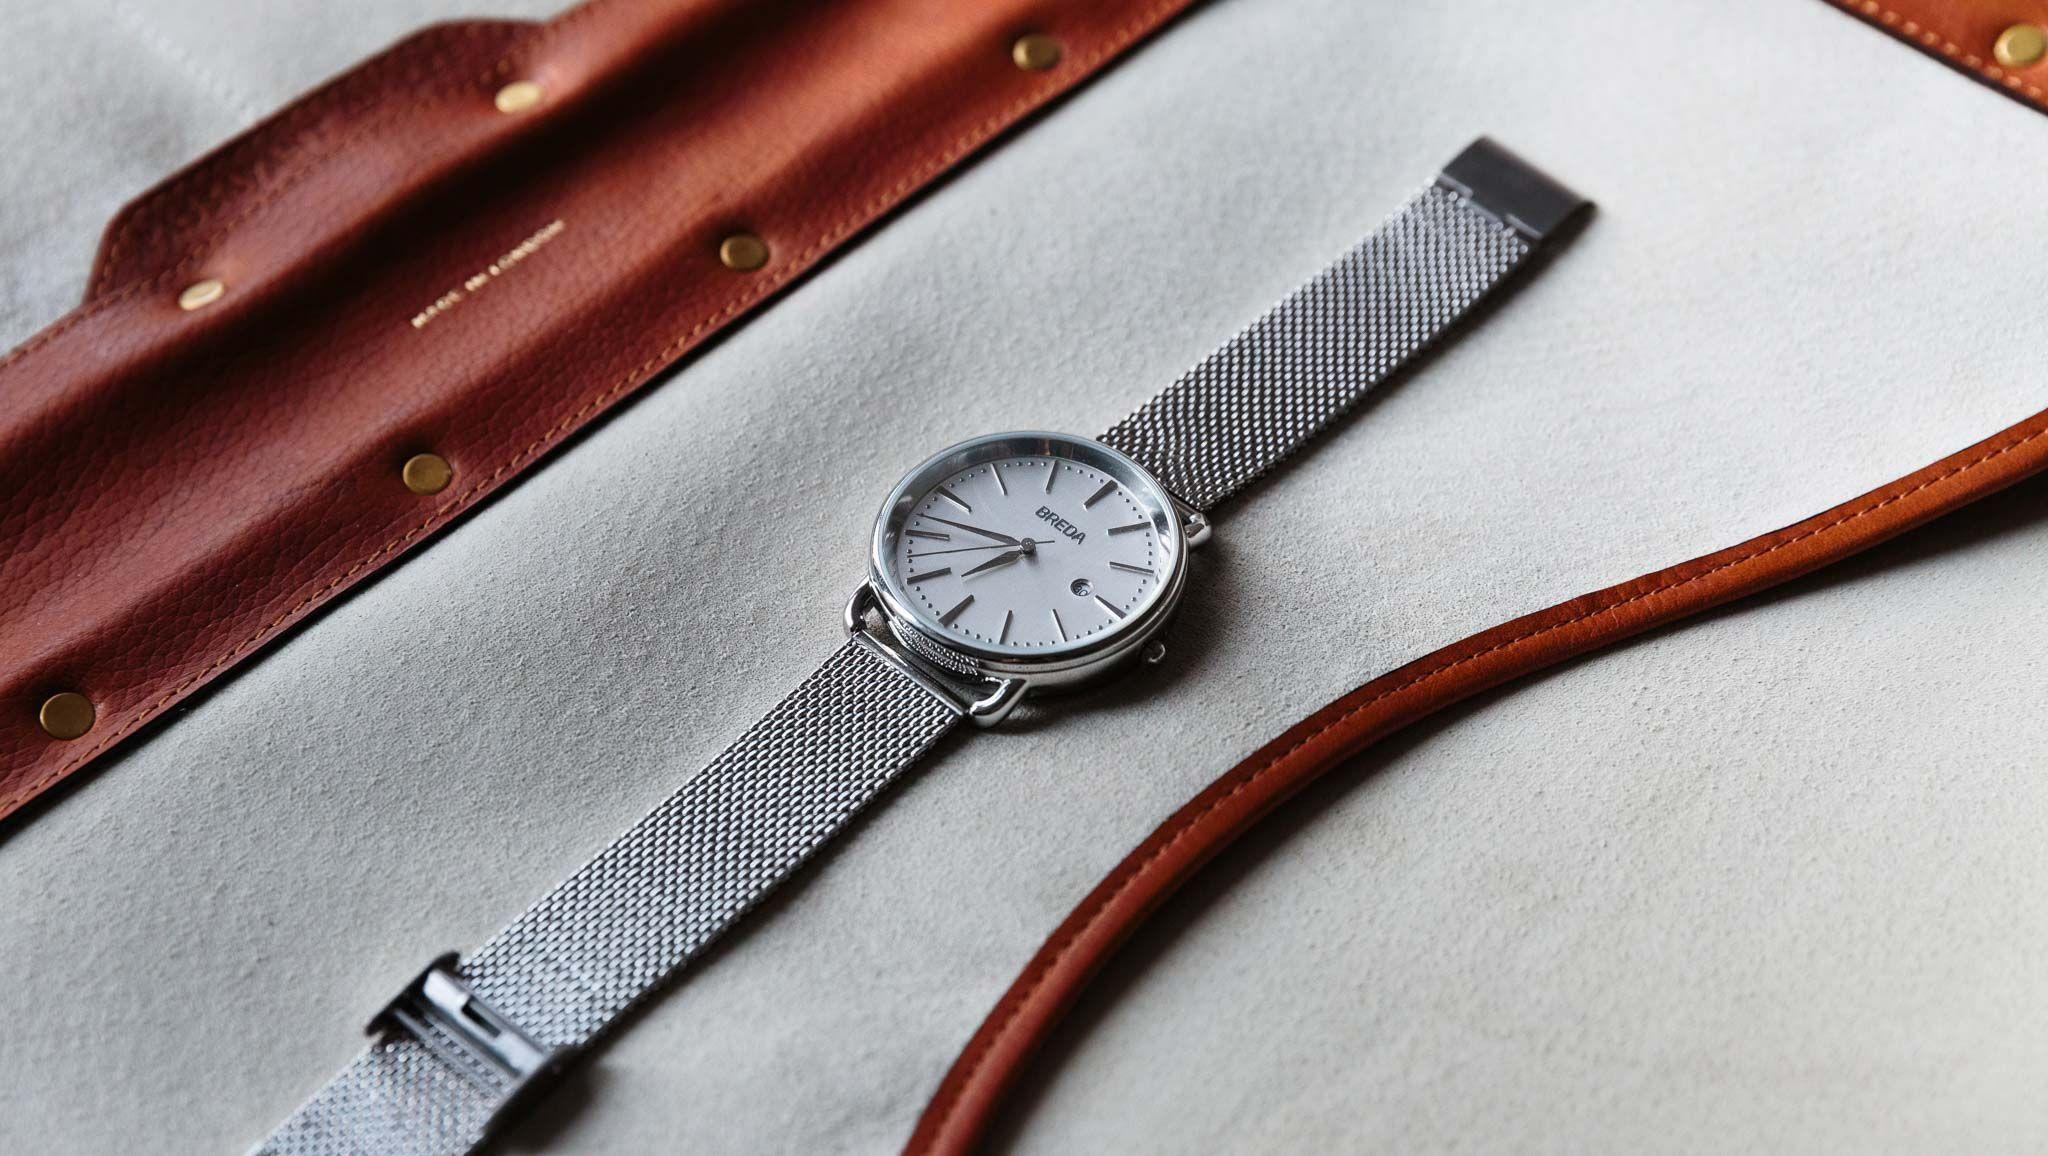 đồng hồ nam chính hãng giá dưới 2 triệu